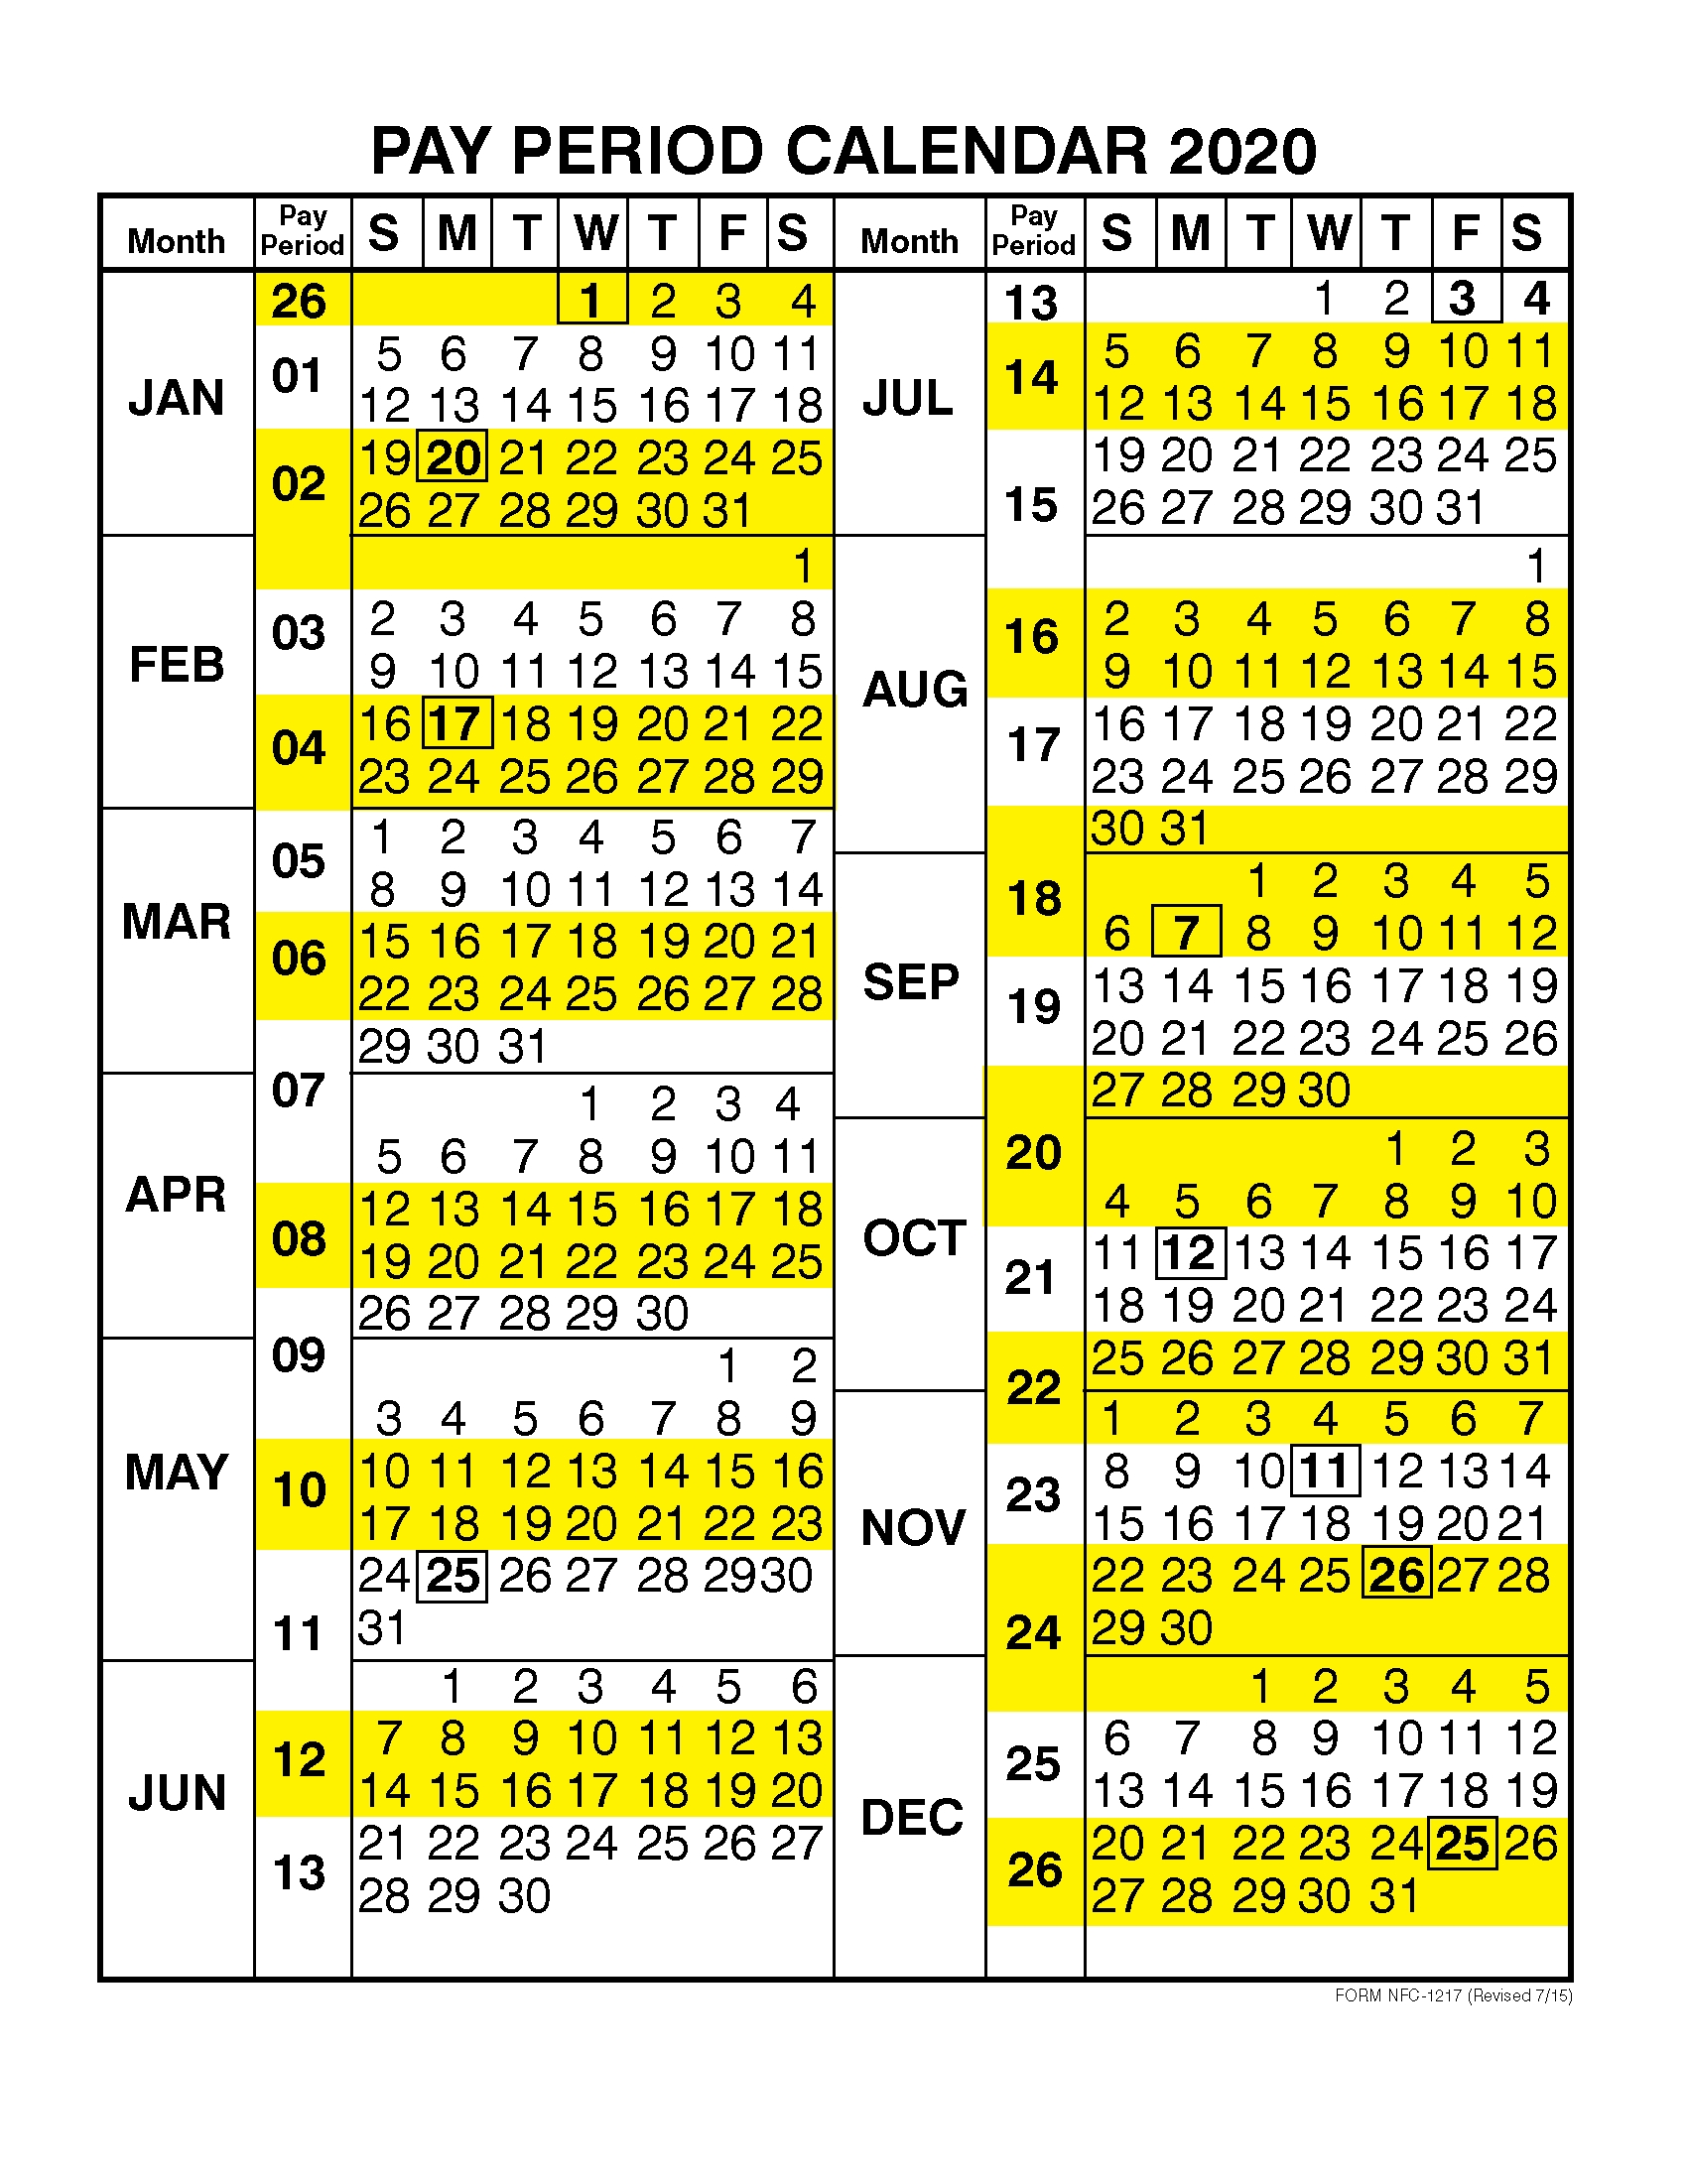 Dfas Payroll Calendar 2020 | 2021 Pay Periods Calendar  Usps Pp Calendar